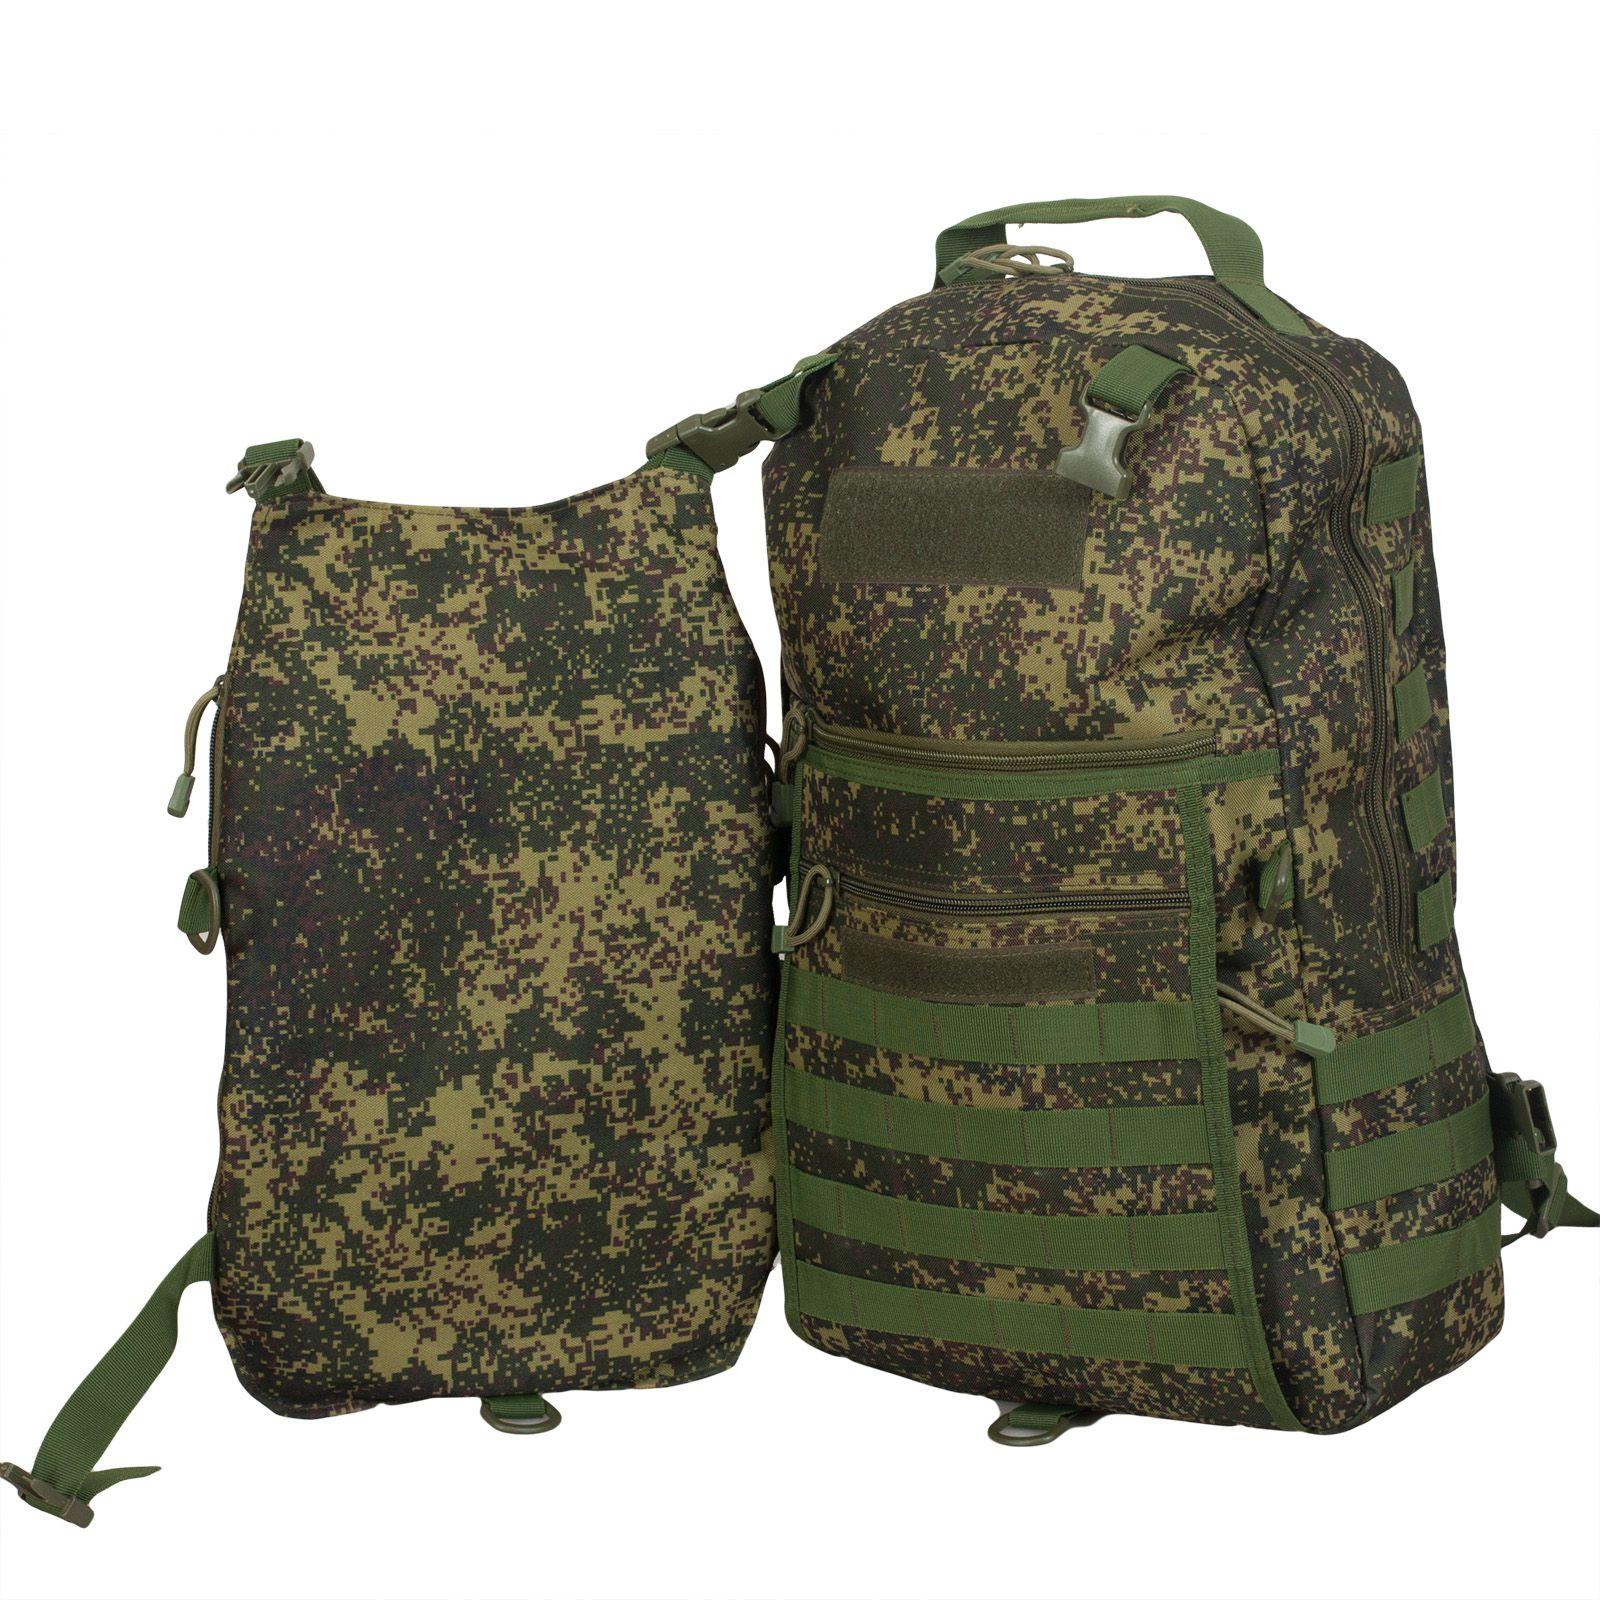 Надежный вместительный рюкзак с нашивкой Русская Охота - купить в подарок